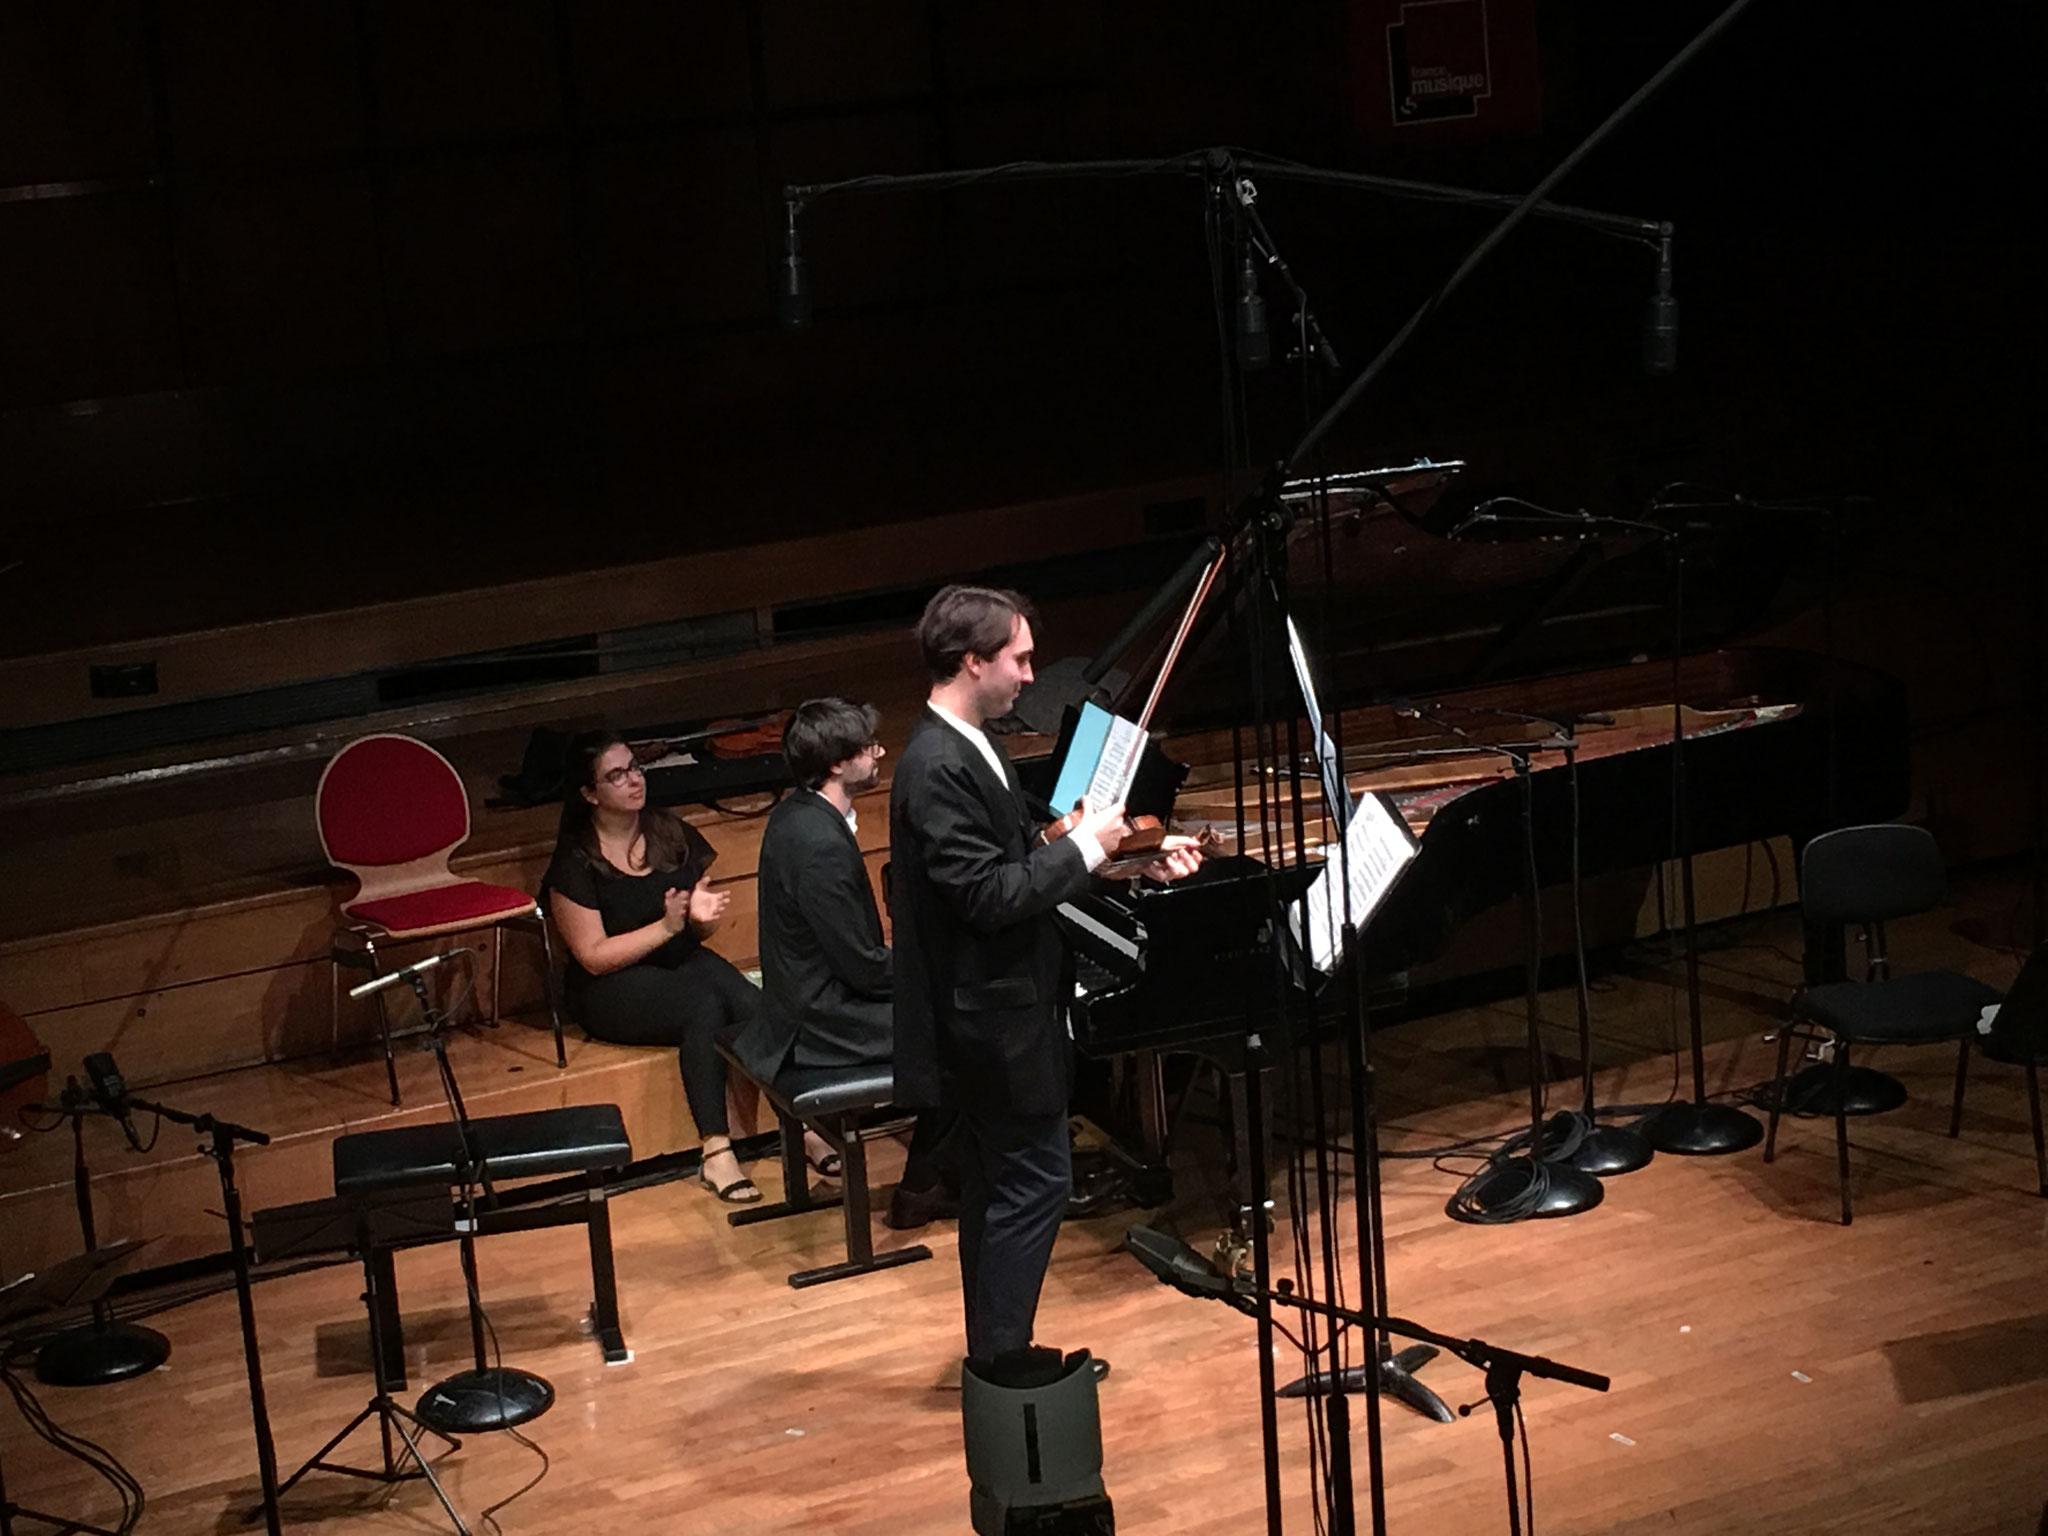 France Musique 13 Octobre 2018. François Pineau Benois (violon) Jonathan Nematnu (piano)